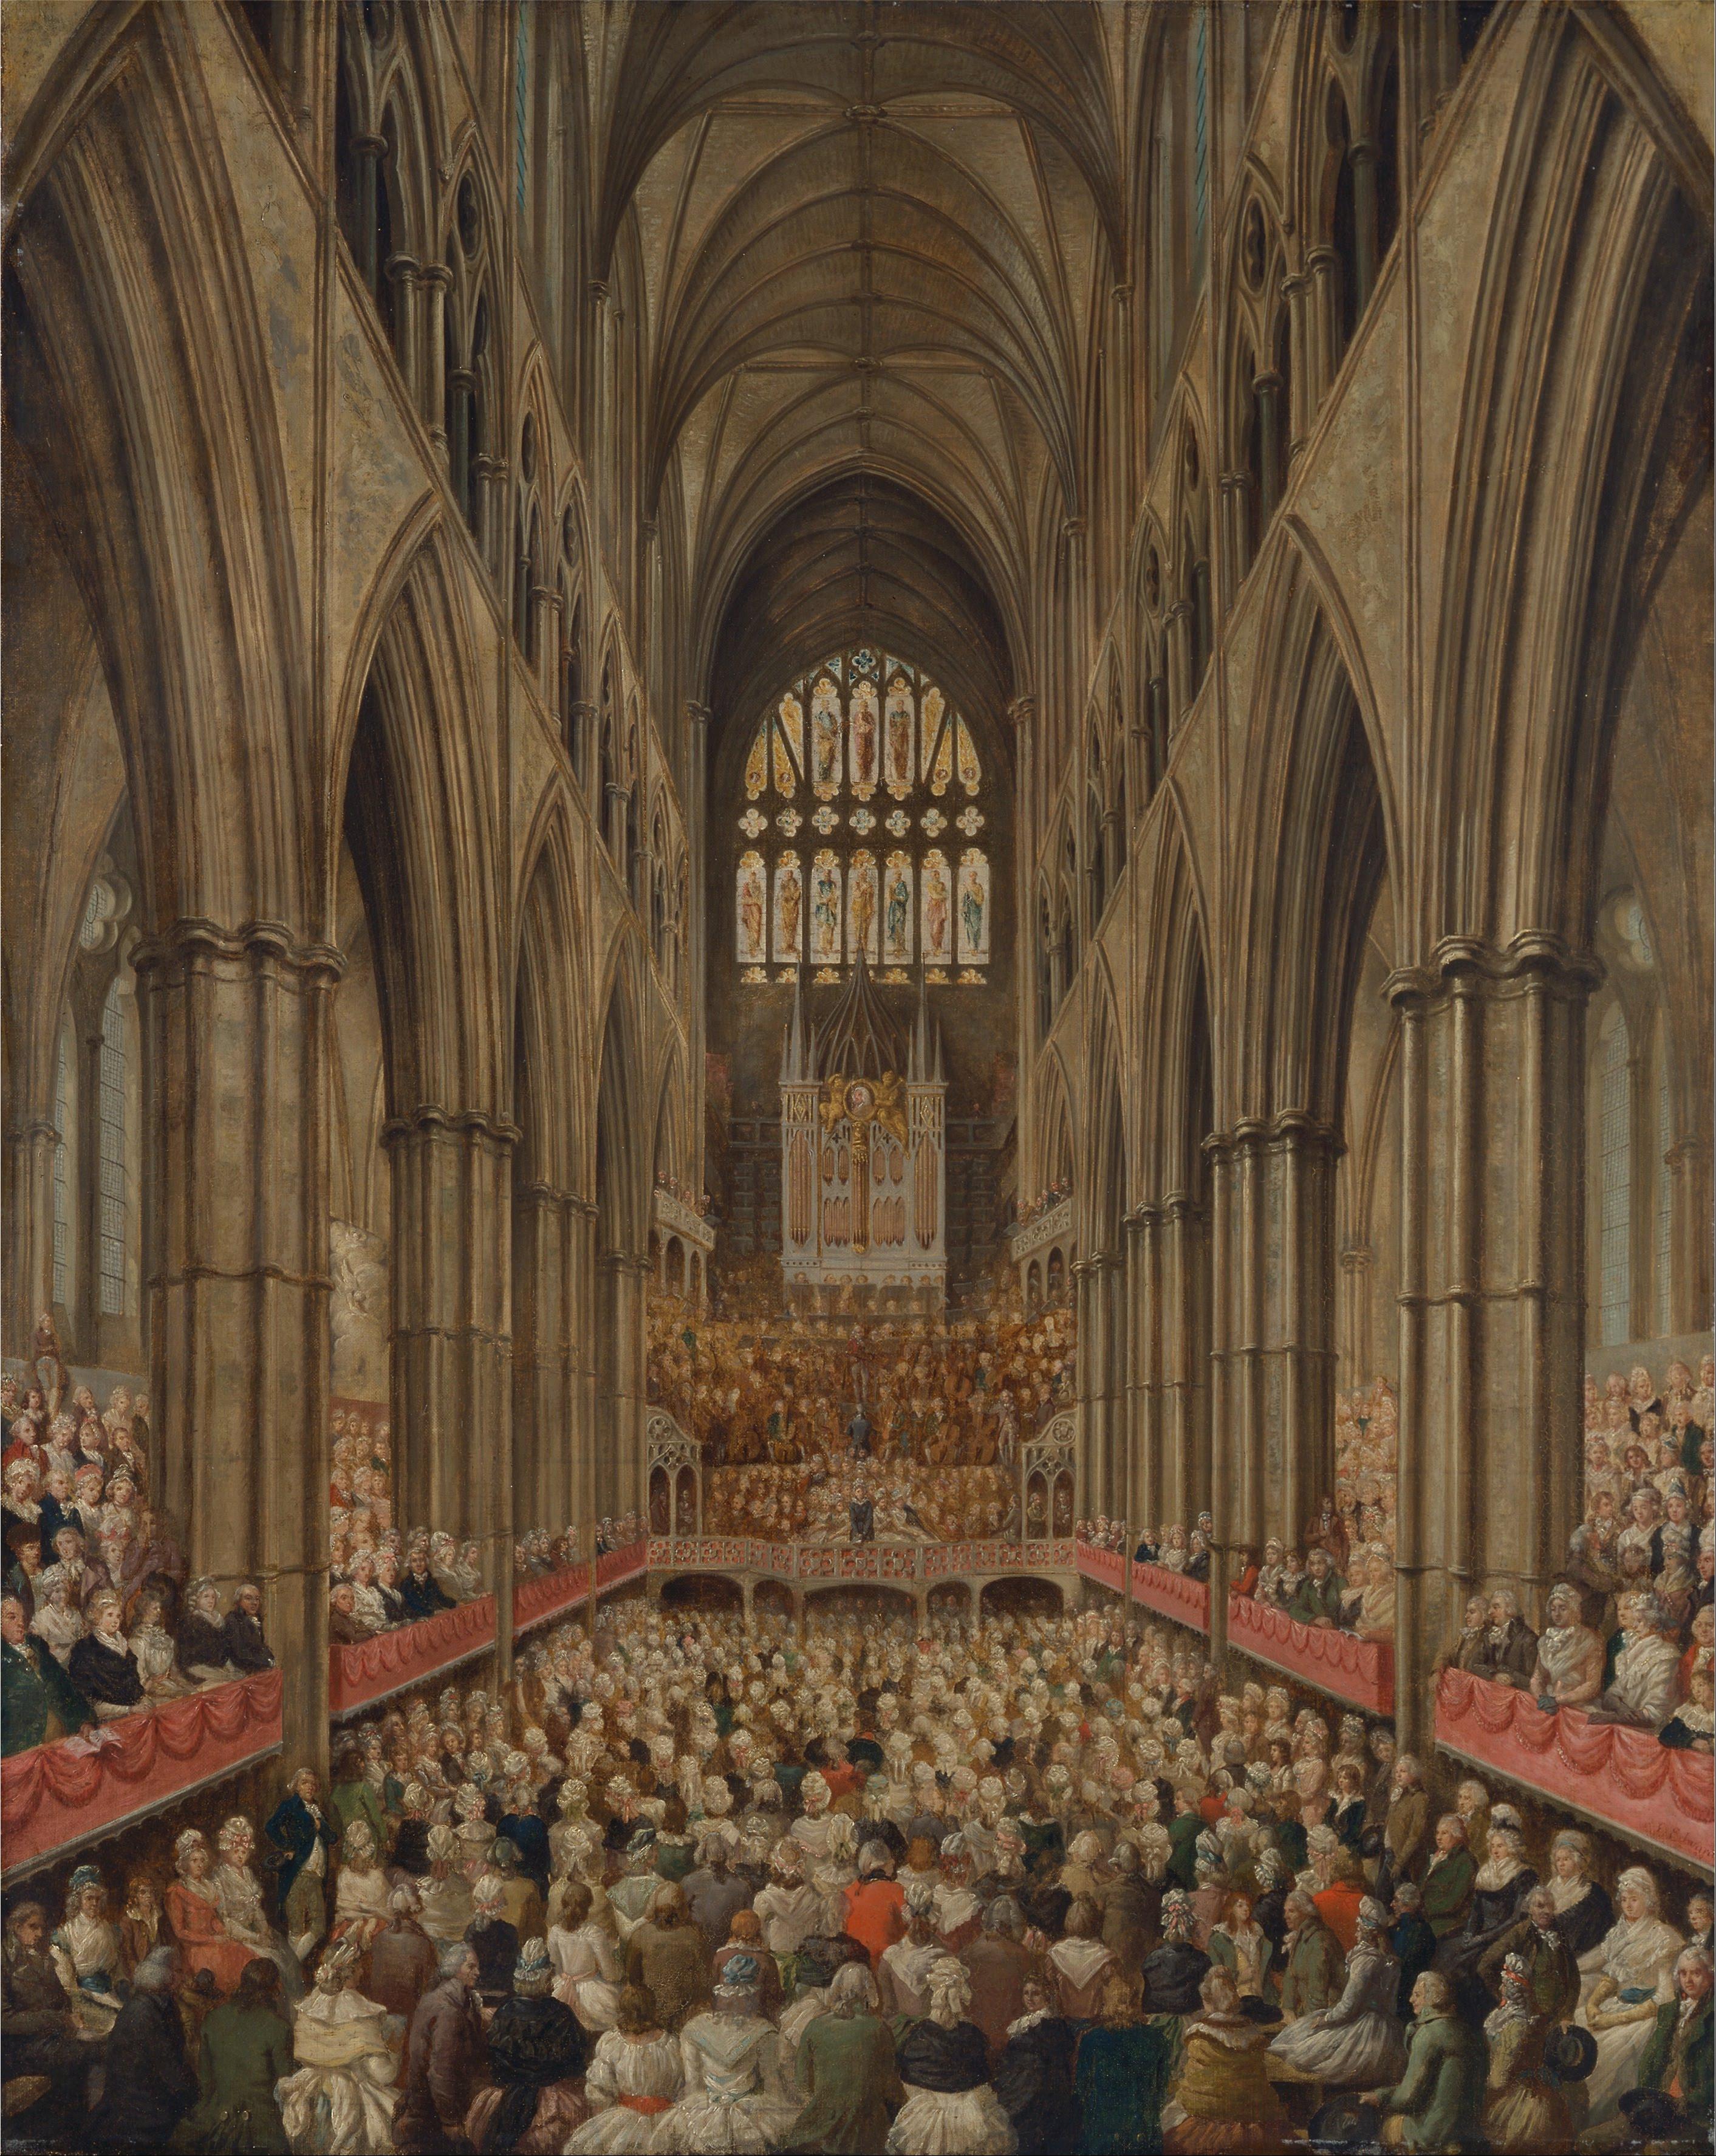 Vista del interior de la abadía de Westminster en la Conmemoración de Händel, tomado de la caja del director, Edward Edwards, ca. 1790. Centro de Arte Británico de Yale.